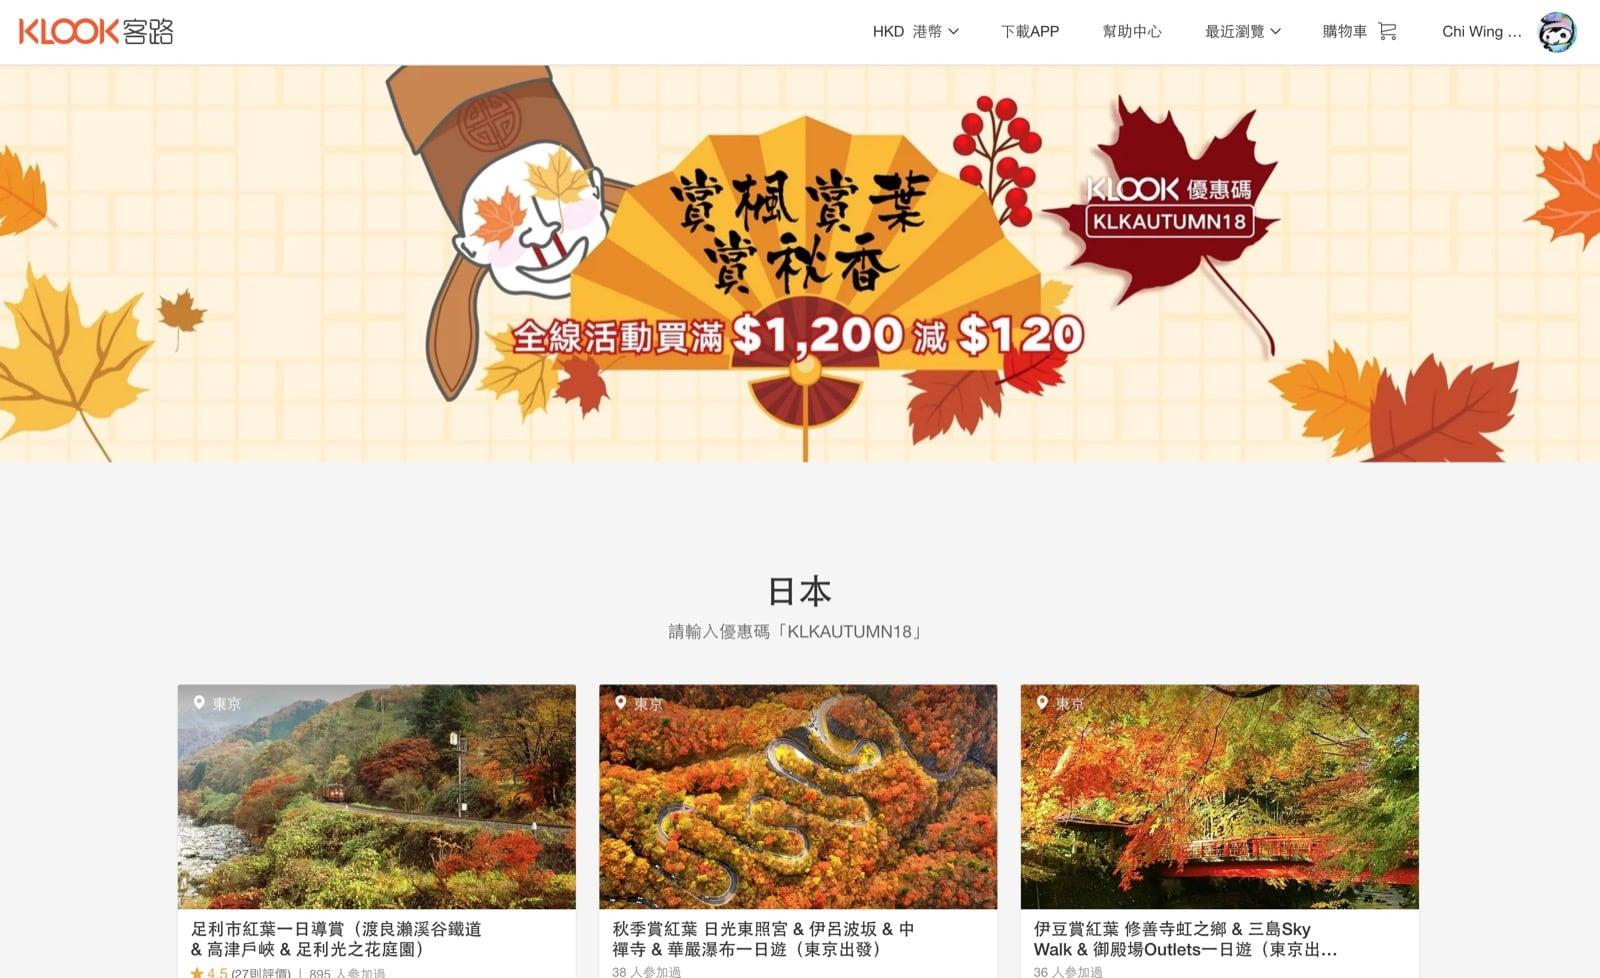 KLOOK客路「賞楓賞葉賞秋香」日本/韓國旅遊產品即減$120優惠碼   慳家@香港 HK